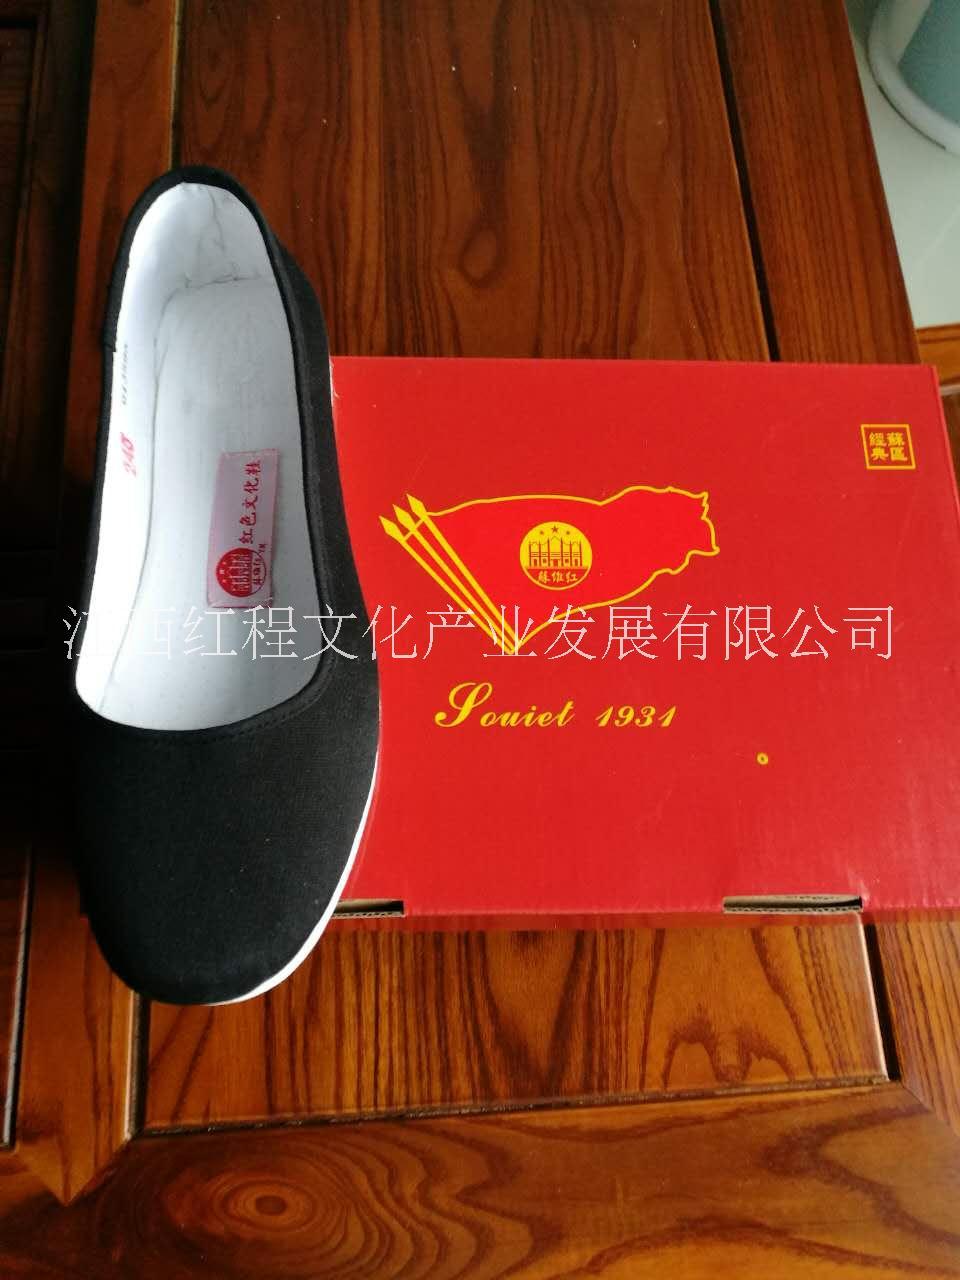 苏维红相巾面料女布鞋,八路军新四军红军布鞋,传统民族风老北京布鞋